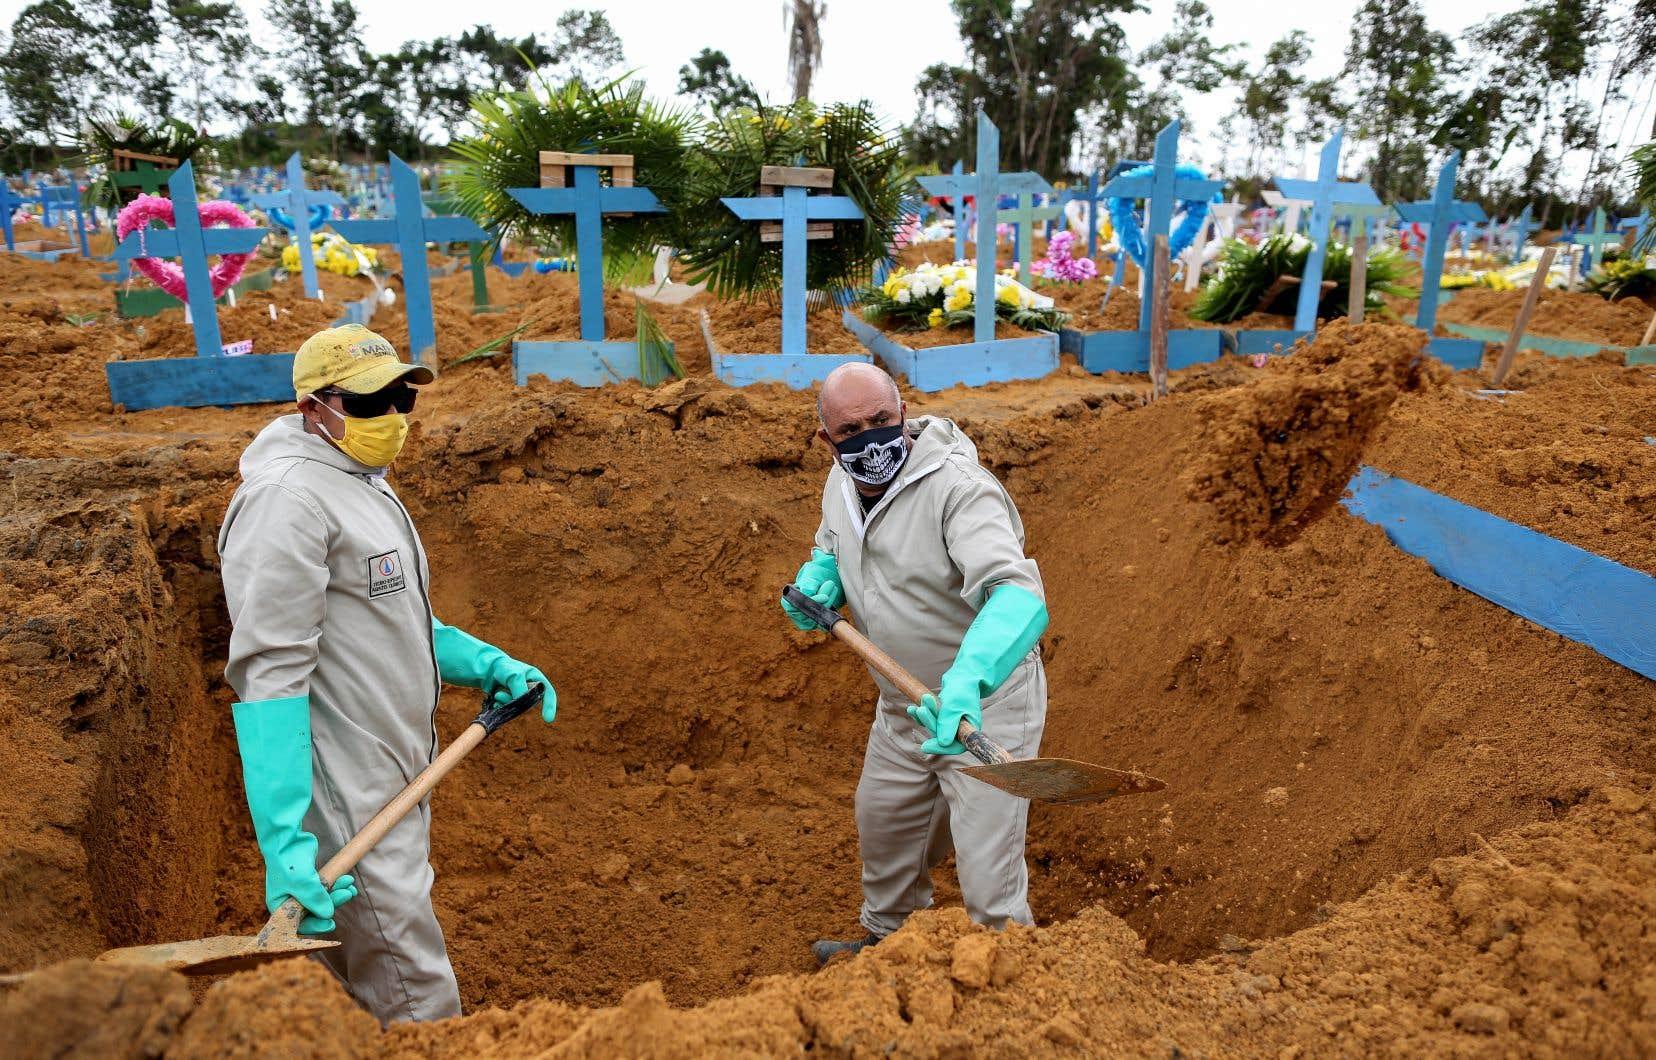 Samedi soir, 730 décès supplémentaires avaient été enregistrés en 24 heures au Brésil, portant le total à plus de 10 000.